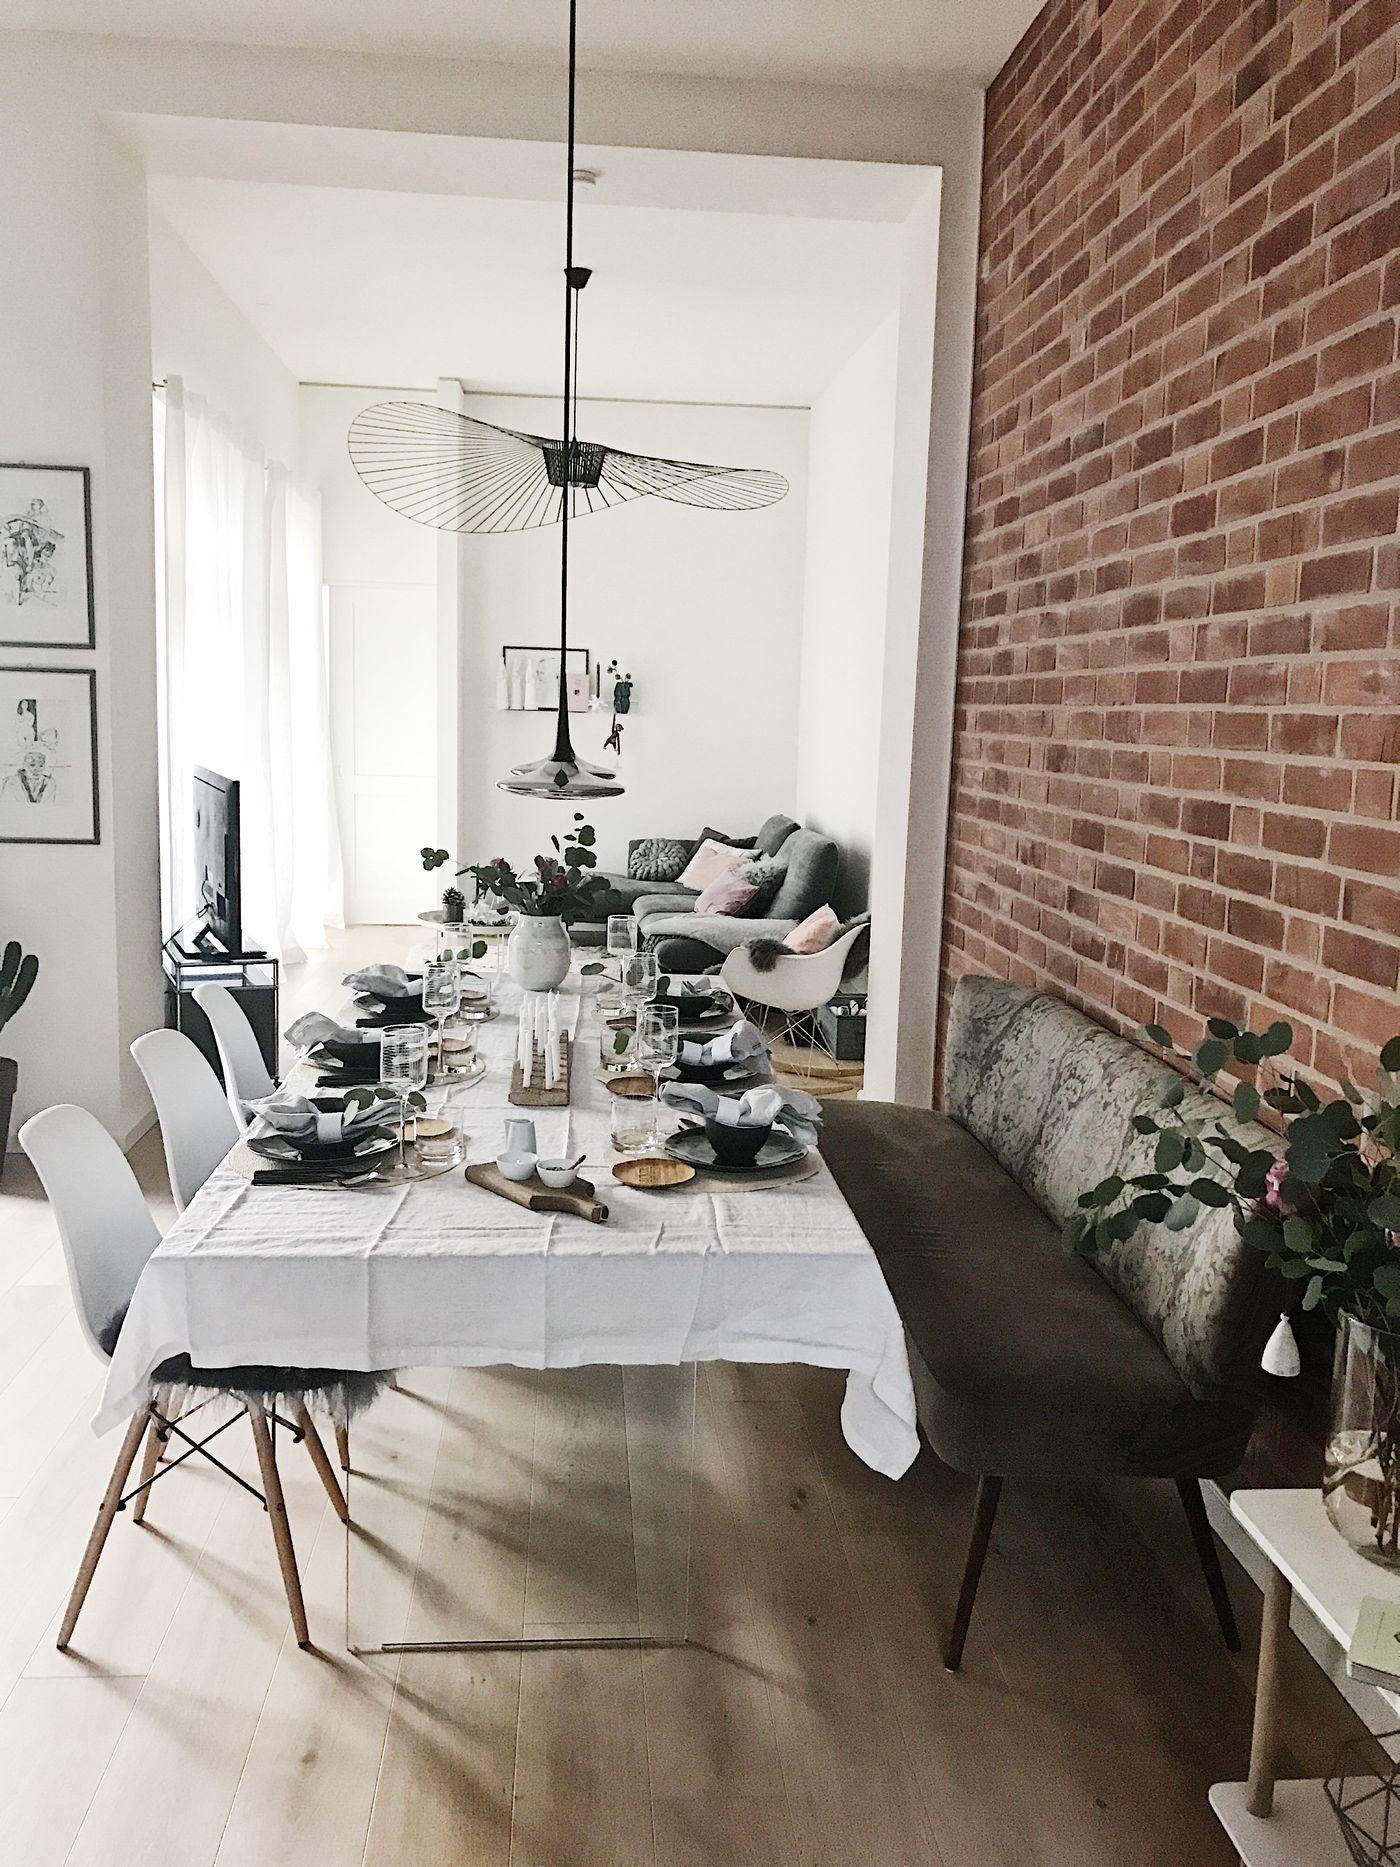 die sch nsten ideen f r dein loft und deine loftwohnung. Black Bedroom Furniture Sets. Home Design Ideas